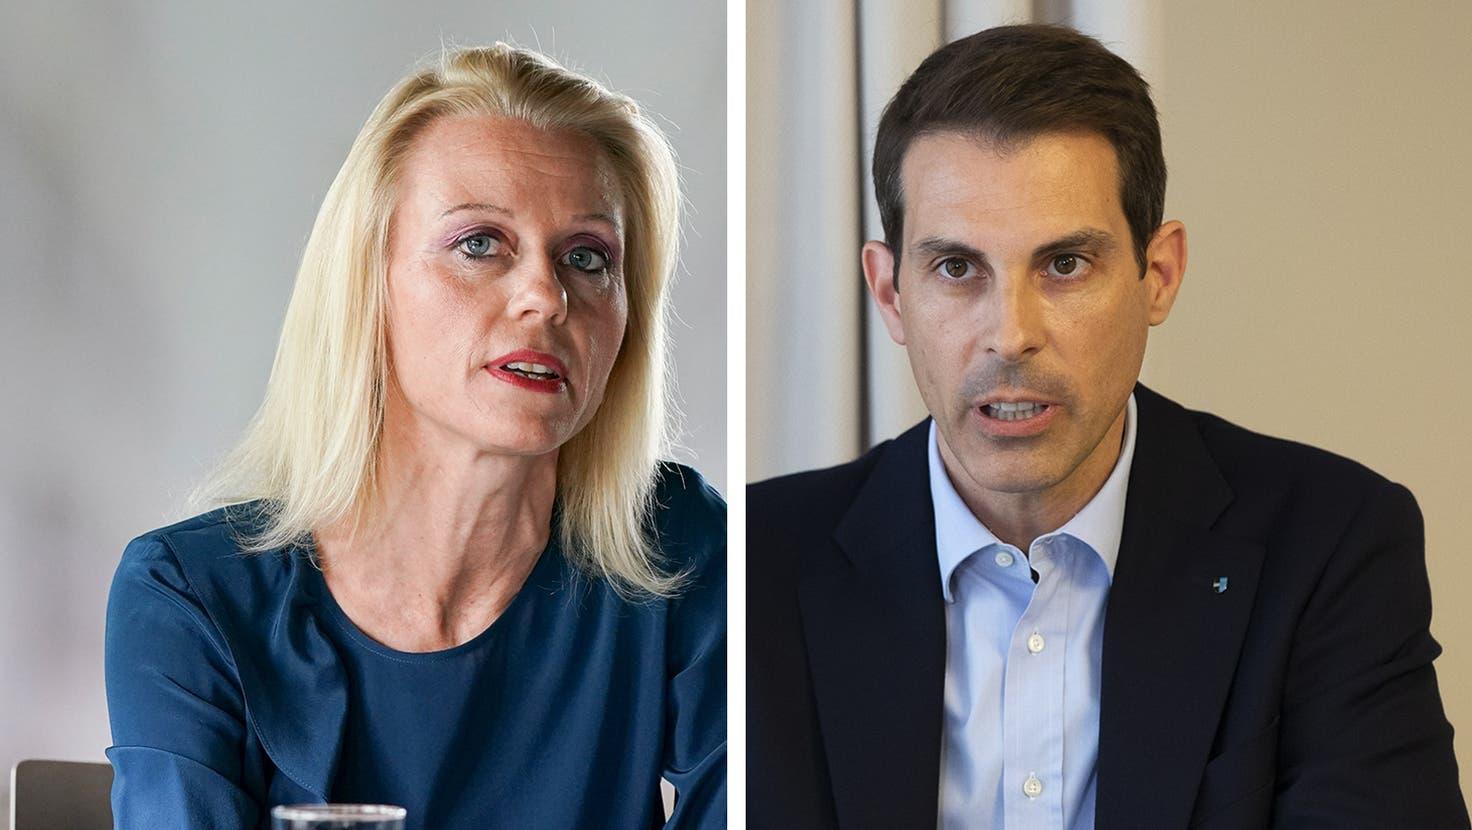 An der Pressekonferenz vom 27.05.21 geben Kantonsärztin Yvonne Hummel sowie die  Regierungsräte ean-Pierre Gallati (DGS) und Alex Hürzeler (BKS) Auskunft über die Umsetzung des Kanton Aargaus der neuen Bundesratsbeschlüsse zur Bekämpfung der Coronapandemie. Aufgenommen am 26.05.2021 (Britta Gut)